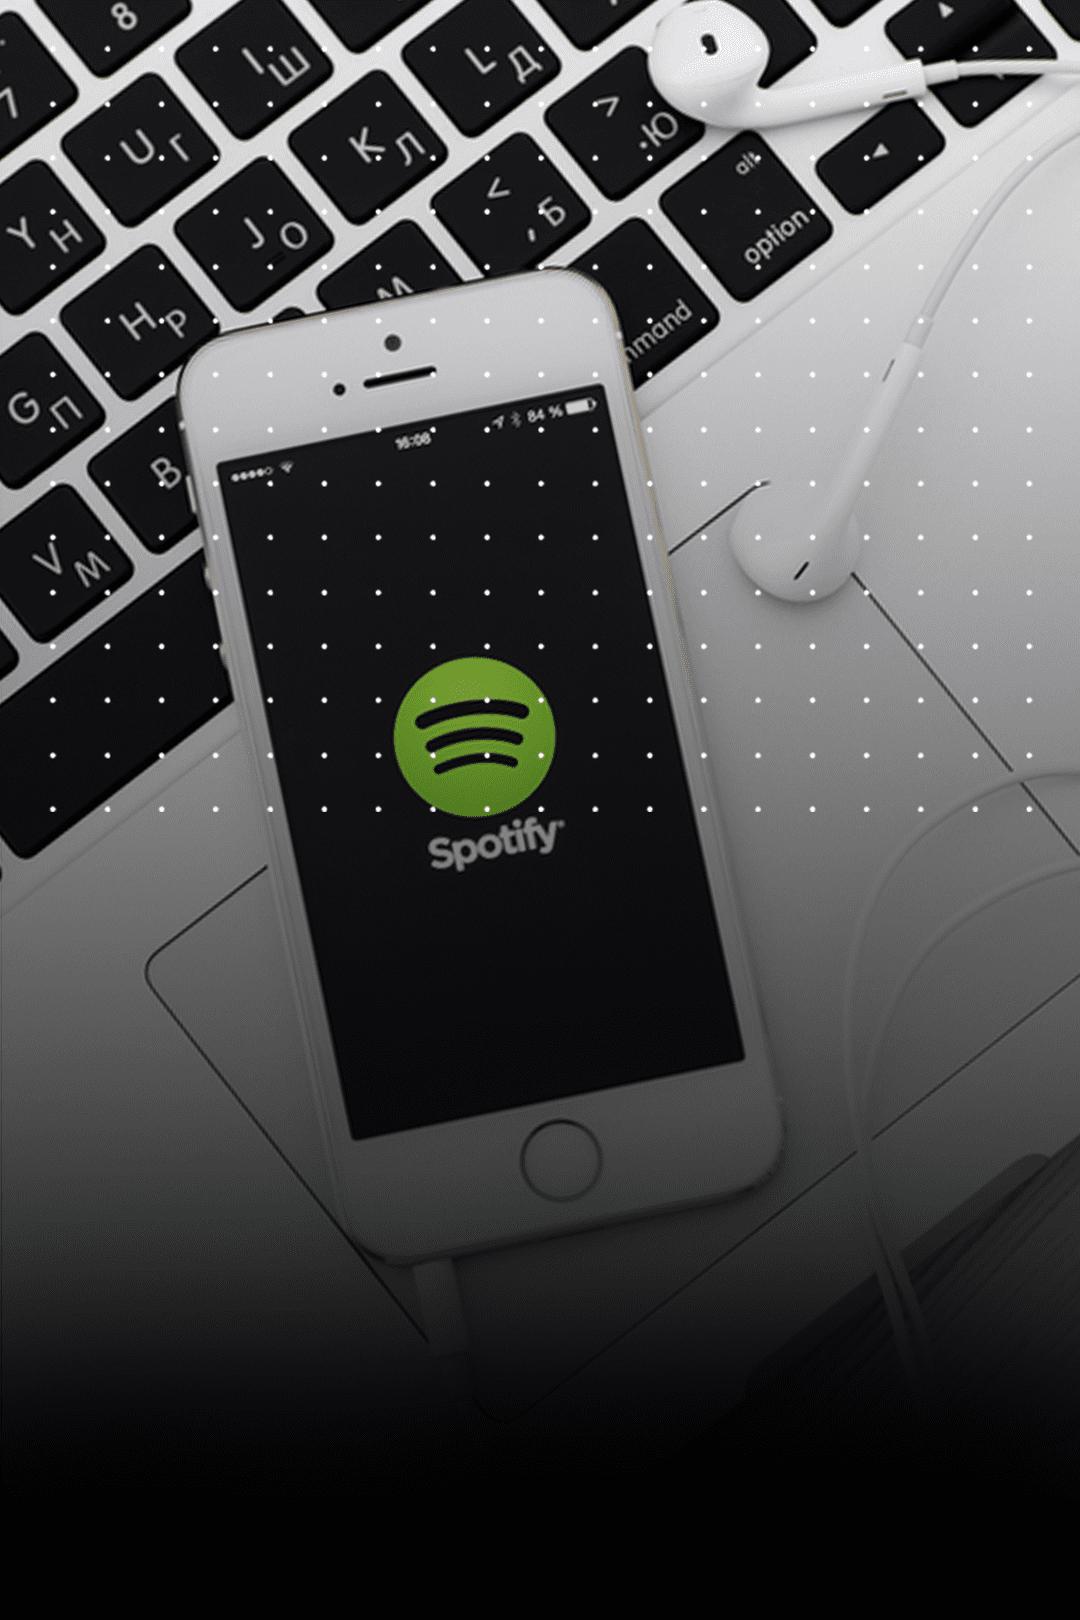 Spotify Millennials Geração Z